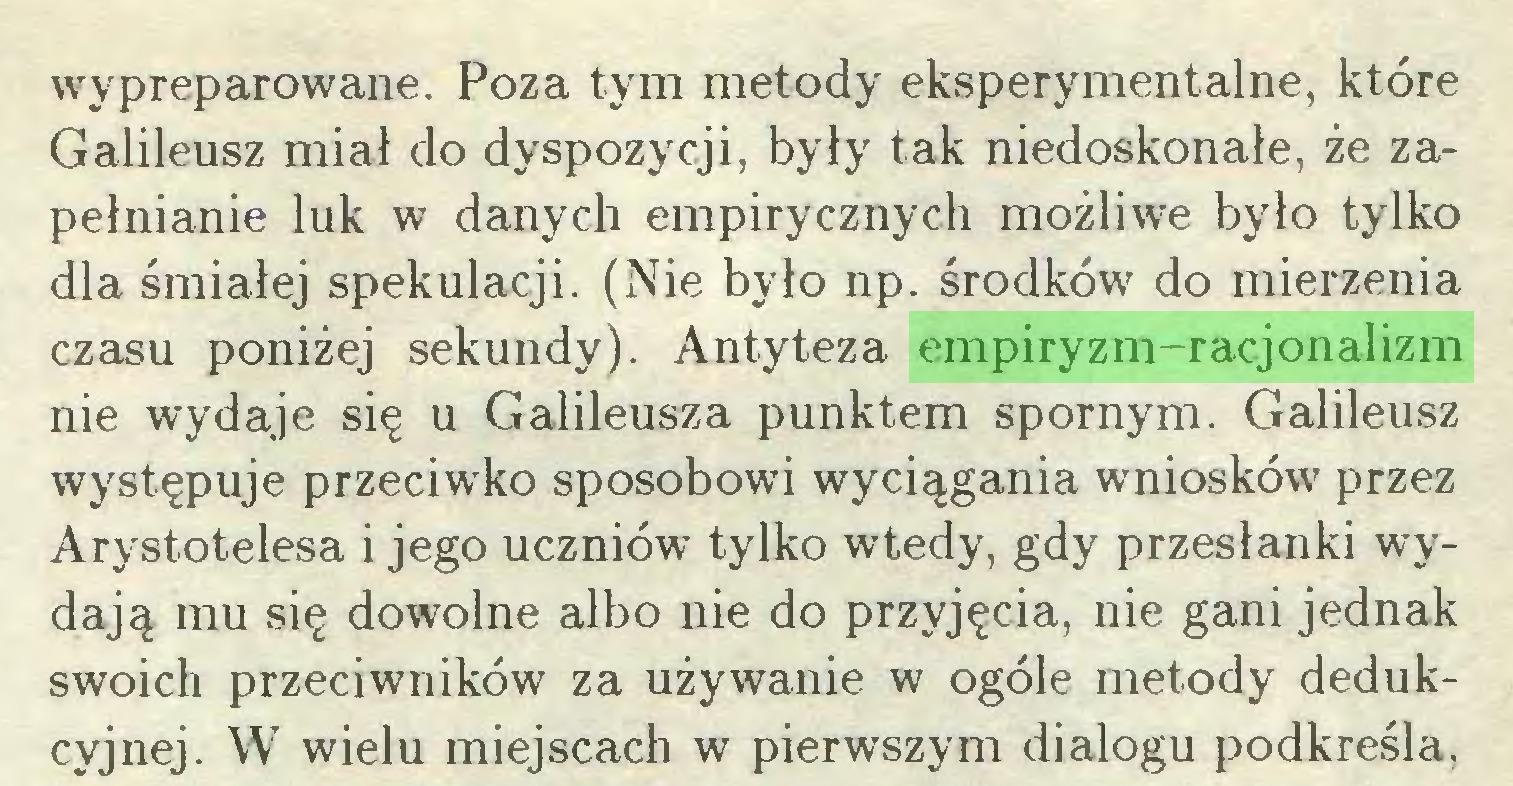 (...) wypreparowane. Poza tym metody eksperymentalne, które Galileusz miał do dyspozycji, były tak niedoskonałe, że zapełnianie luk w danych empirycznych możliwe było tylko dla śmiałej spekulacji. (Nie było np. środków do mierzenia czasu poniżej sekundy). Antyteza empiryzm-racjonalizm nie wydaje się u Galileusza punktem spornym. Galileusz występuje przeciwko sposobowi wyciągania wniosków przez Arystotelesa i jego uczniów tylko wtedy, gdy przesłanki wydają mu się dowolne albo nie do przyjęcia, nie gani jednak swoich przeciwników za używanie w ogóle metody dedukcyjnej. W wielu miejscach w pierwszym dialogu podkreśla,...